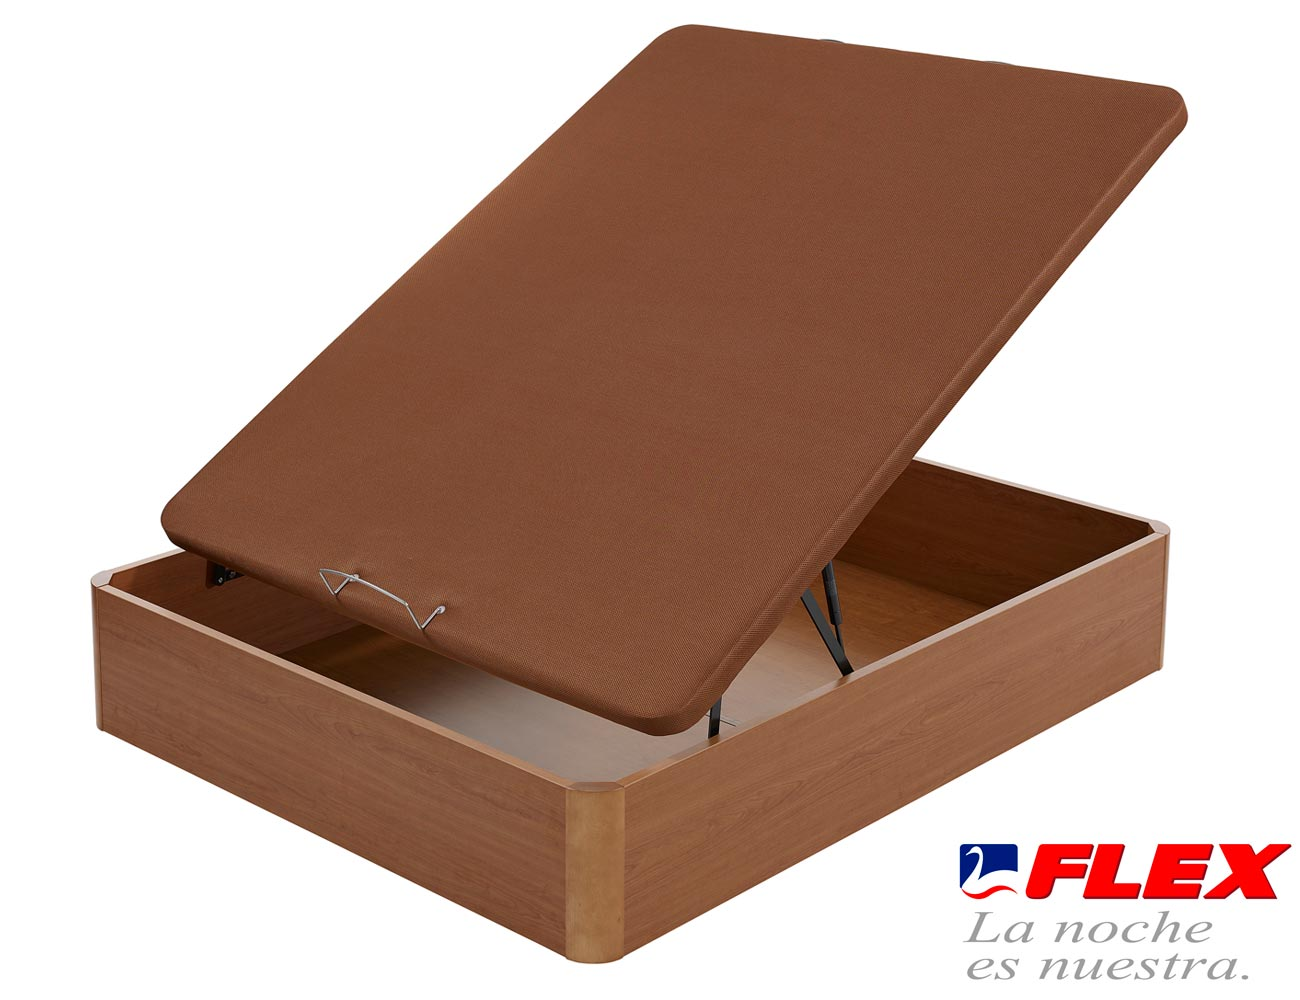 Canape flex madera abatible tapa3d 834